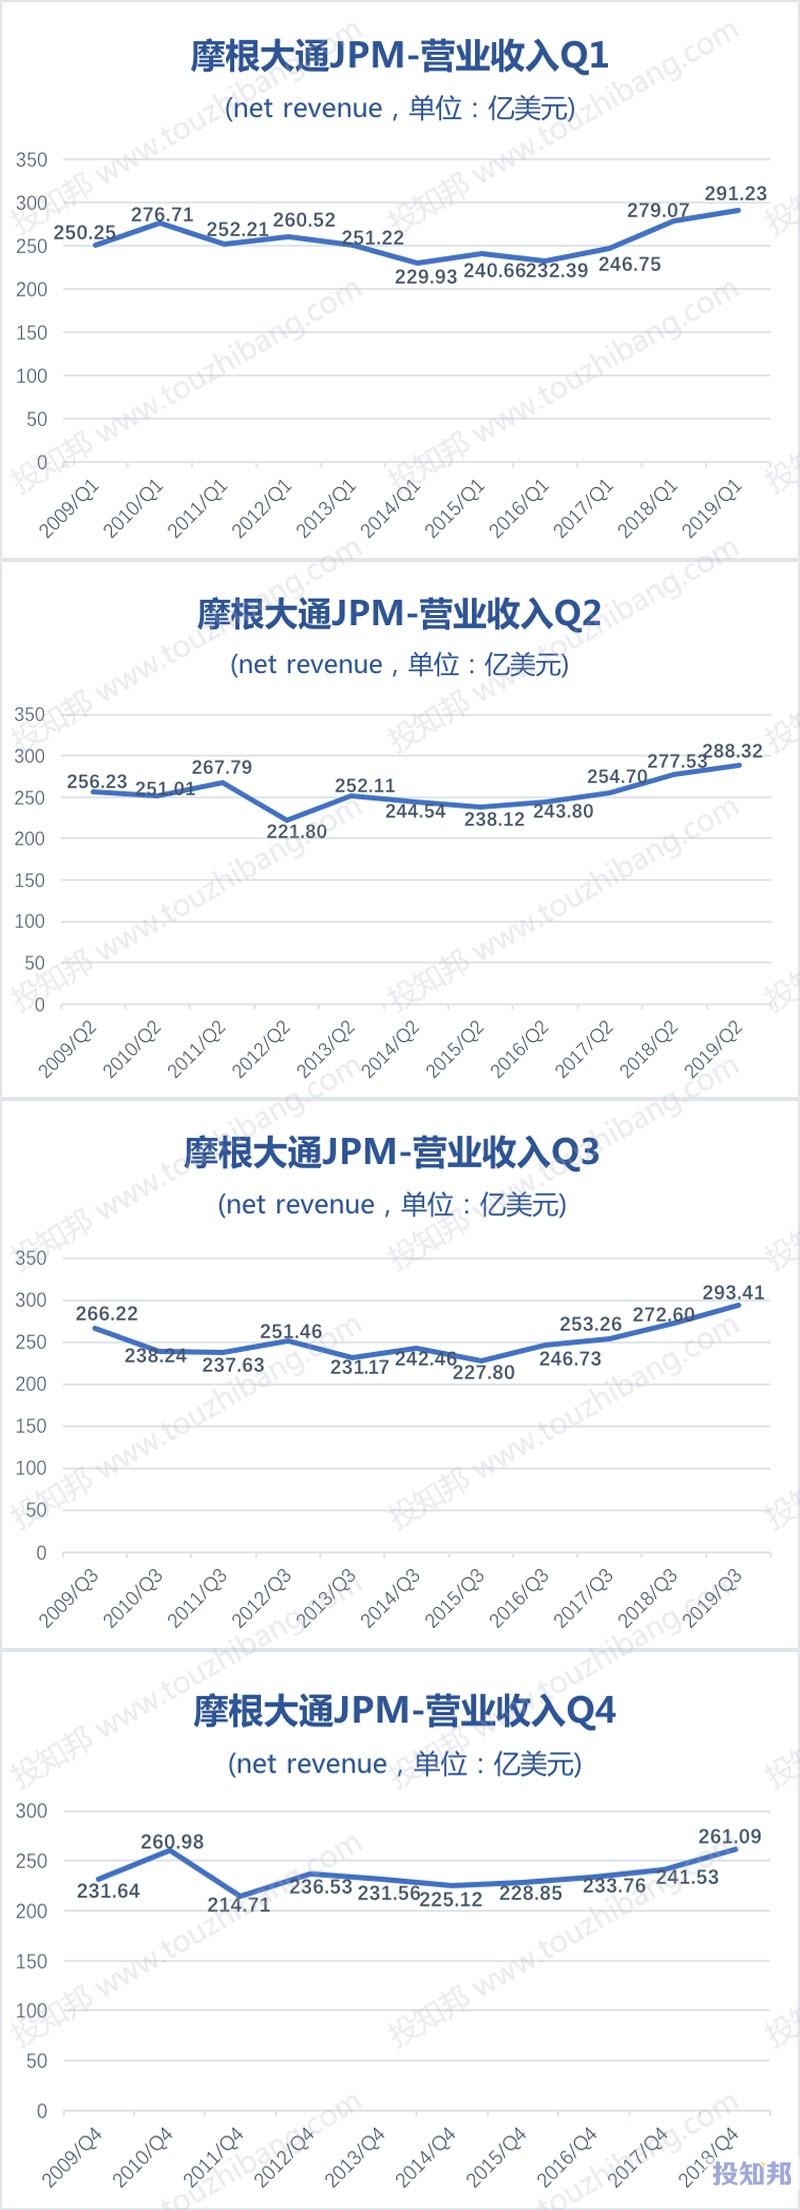 图解摩根大通(JPM)财报数据(2009年~2019年Q3)